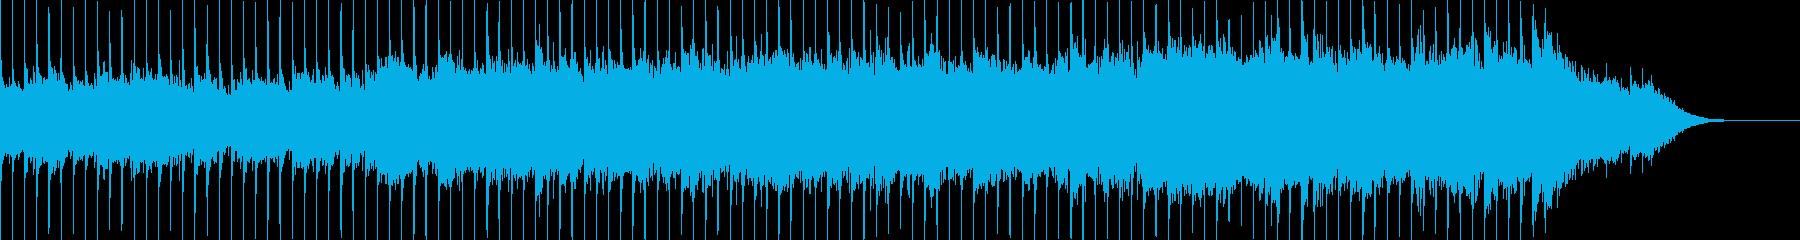 企業VP系73、爽やかギター4つ打ちbの再生済みの波形